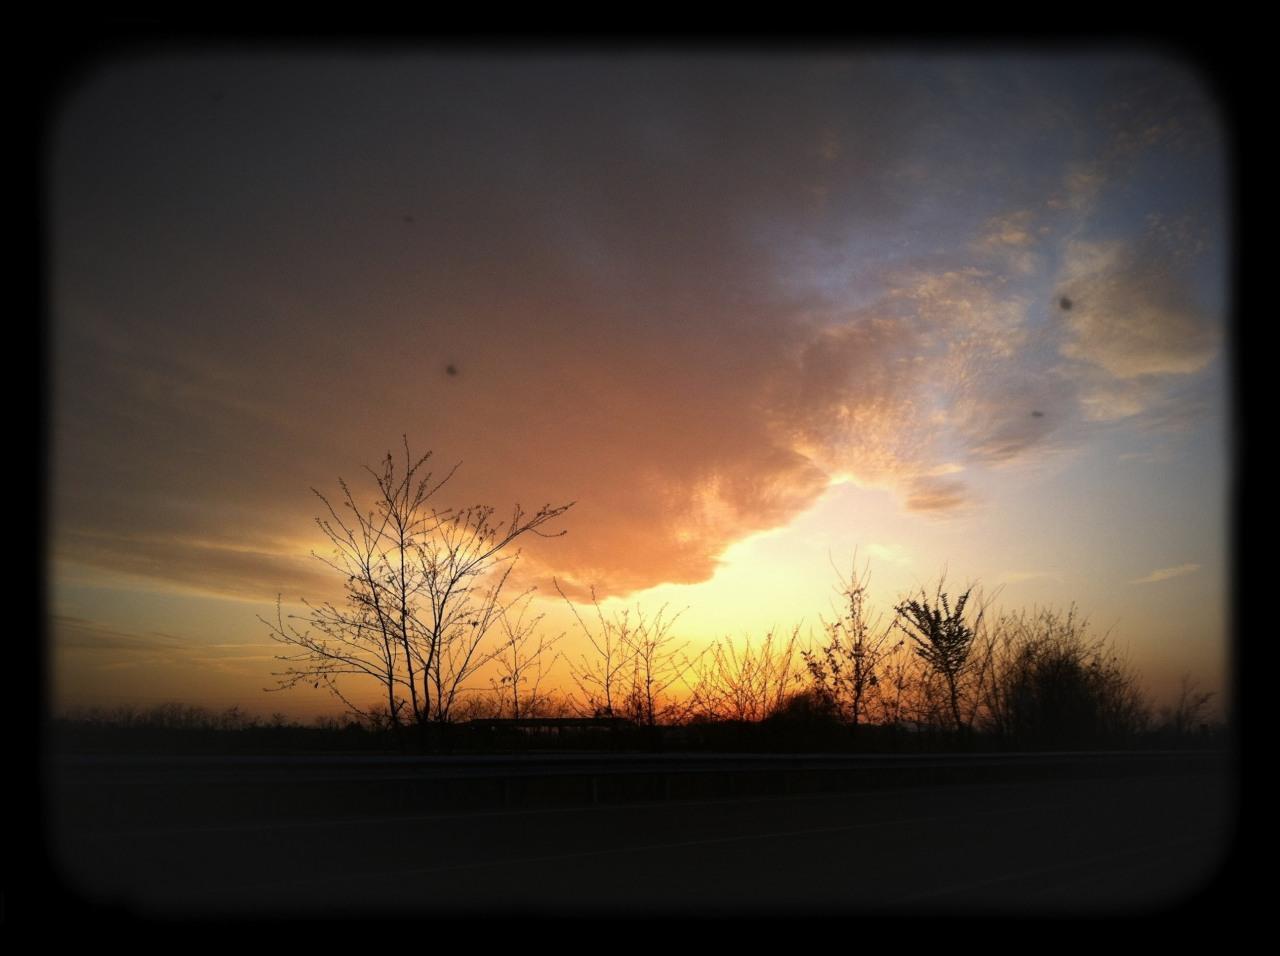 tramonto gussago brescia foto di tramonti foto di campagna nuvole al tramonto